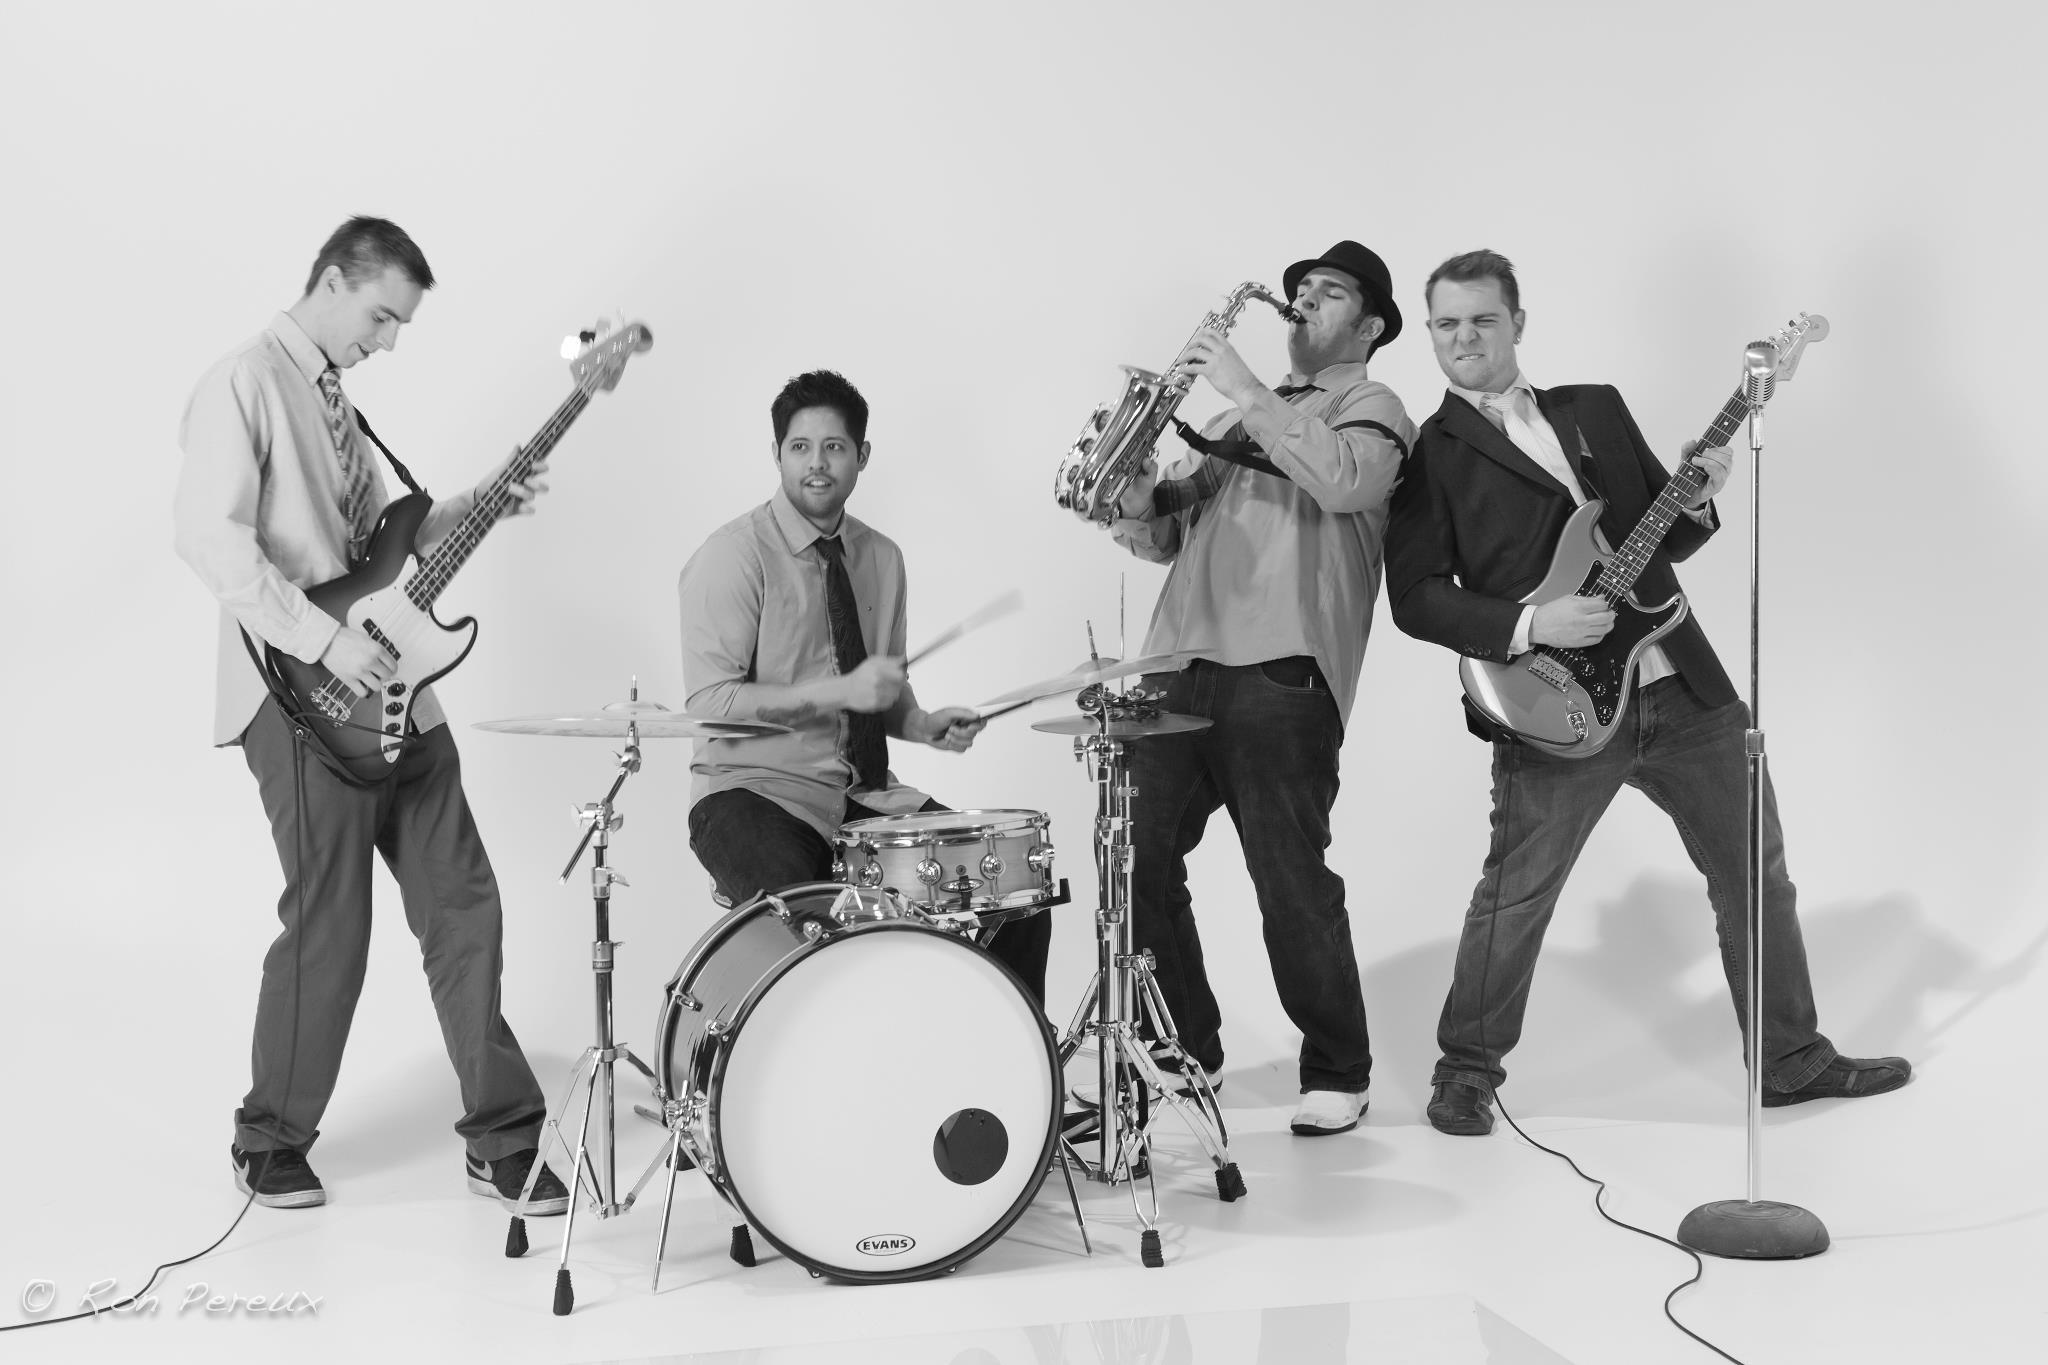 Pro Musicians